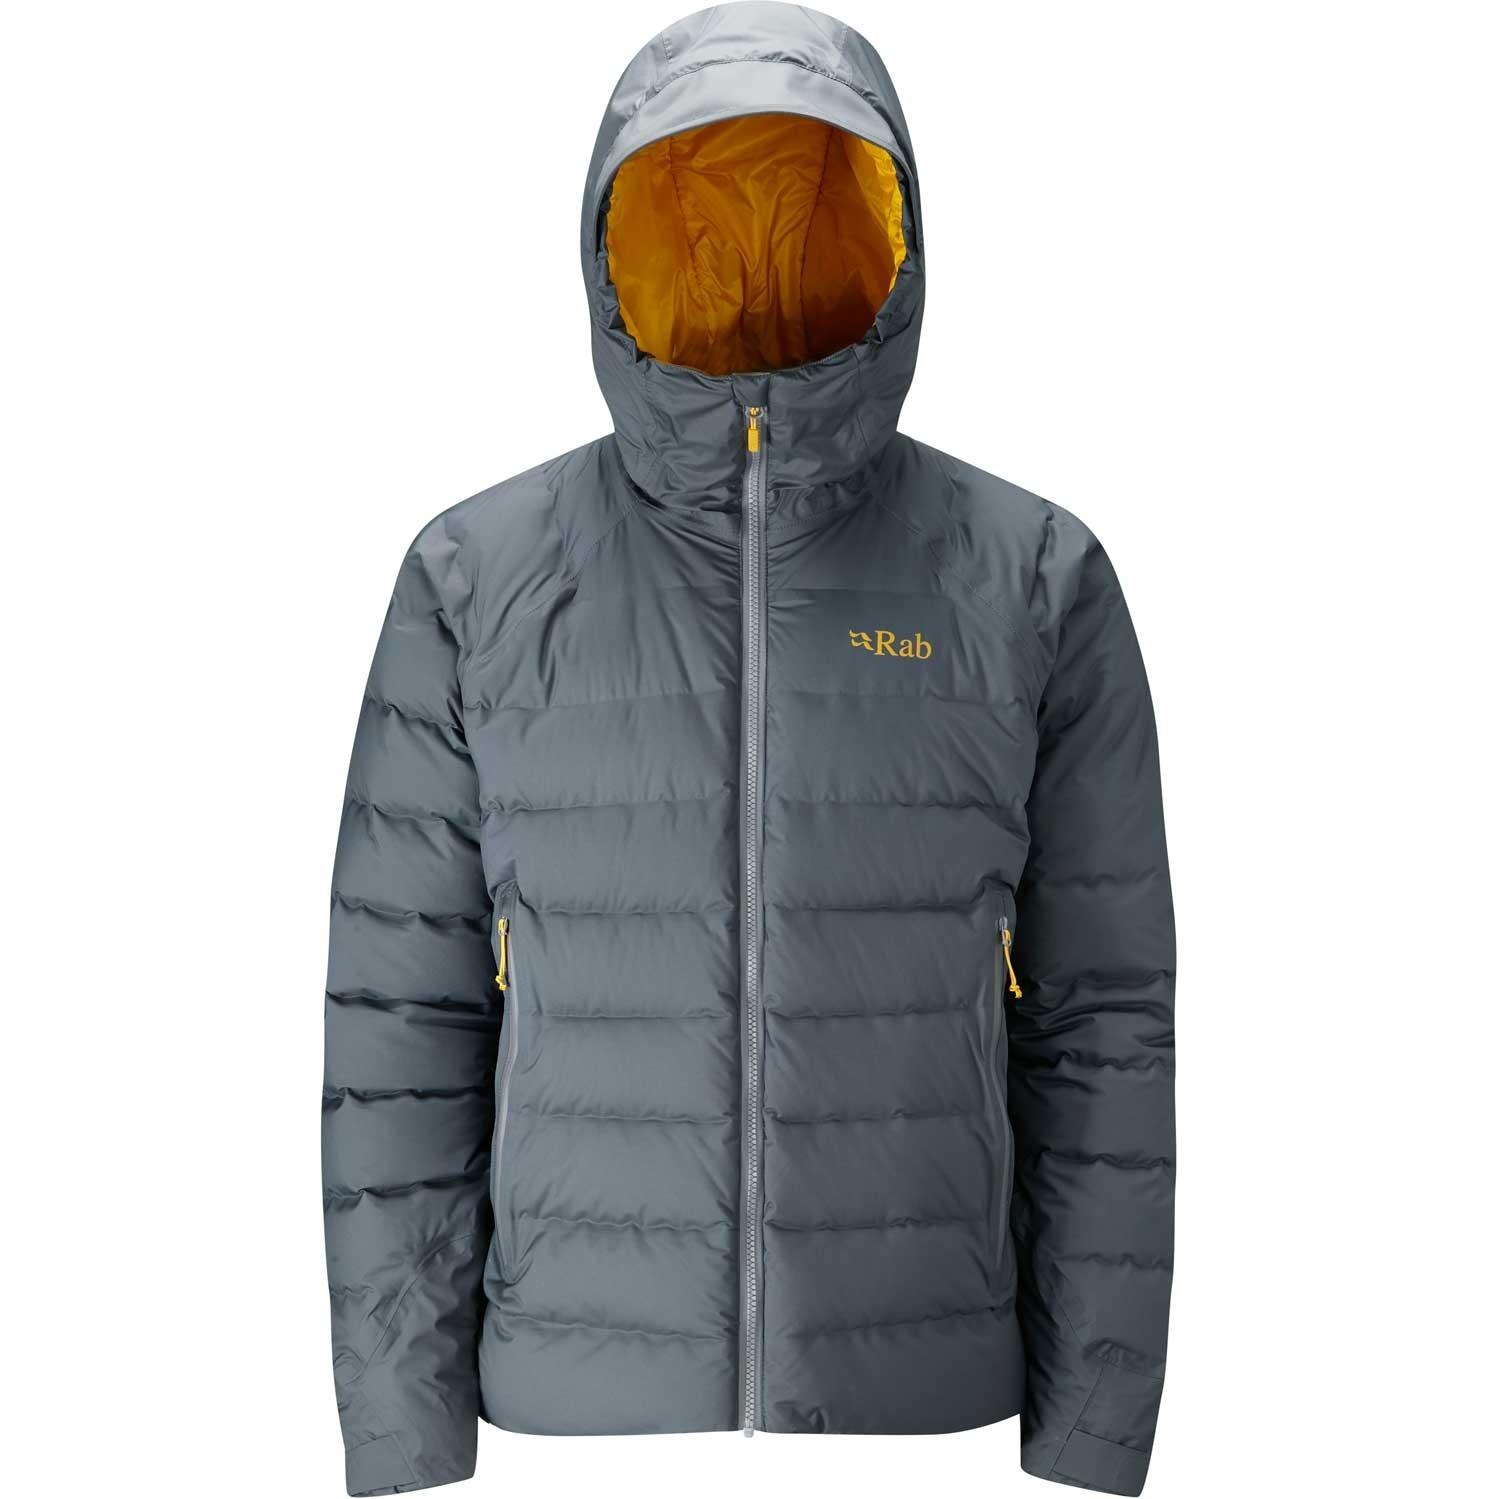 Rab Valiance Jacket - Men's - Steel/Dijon